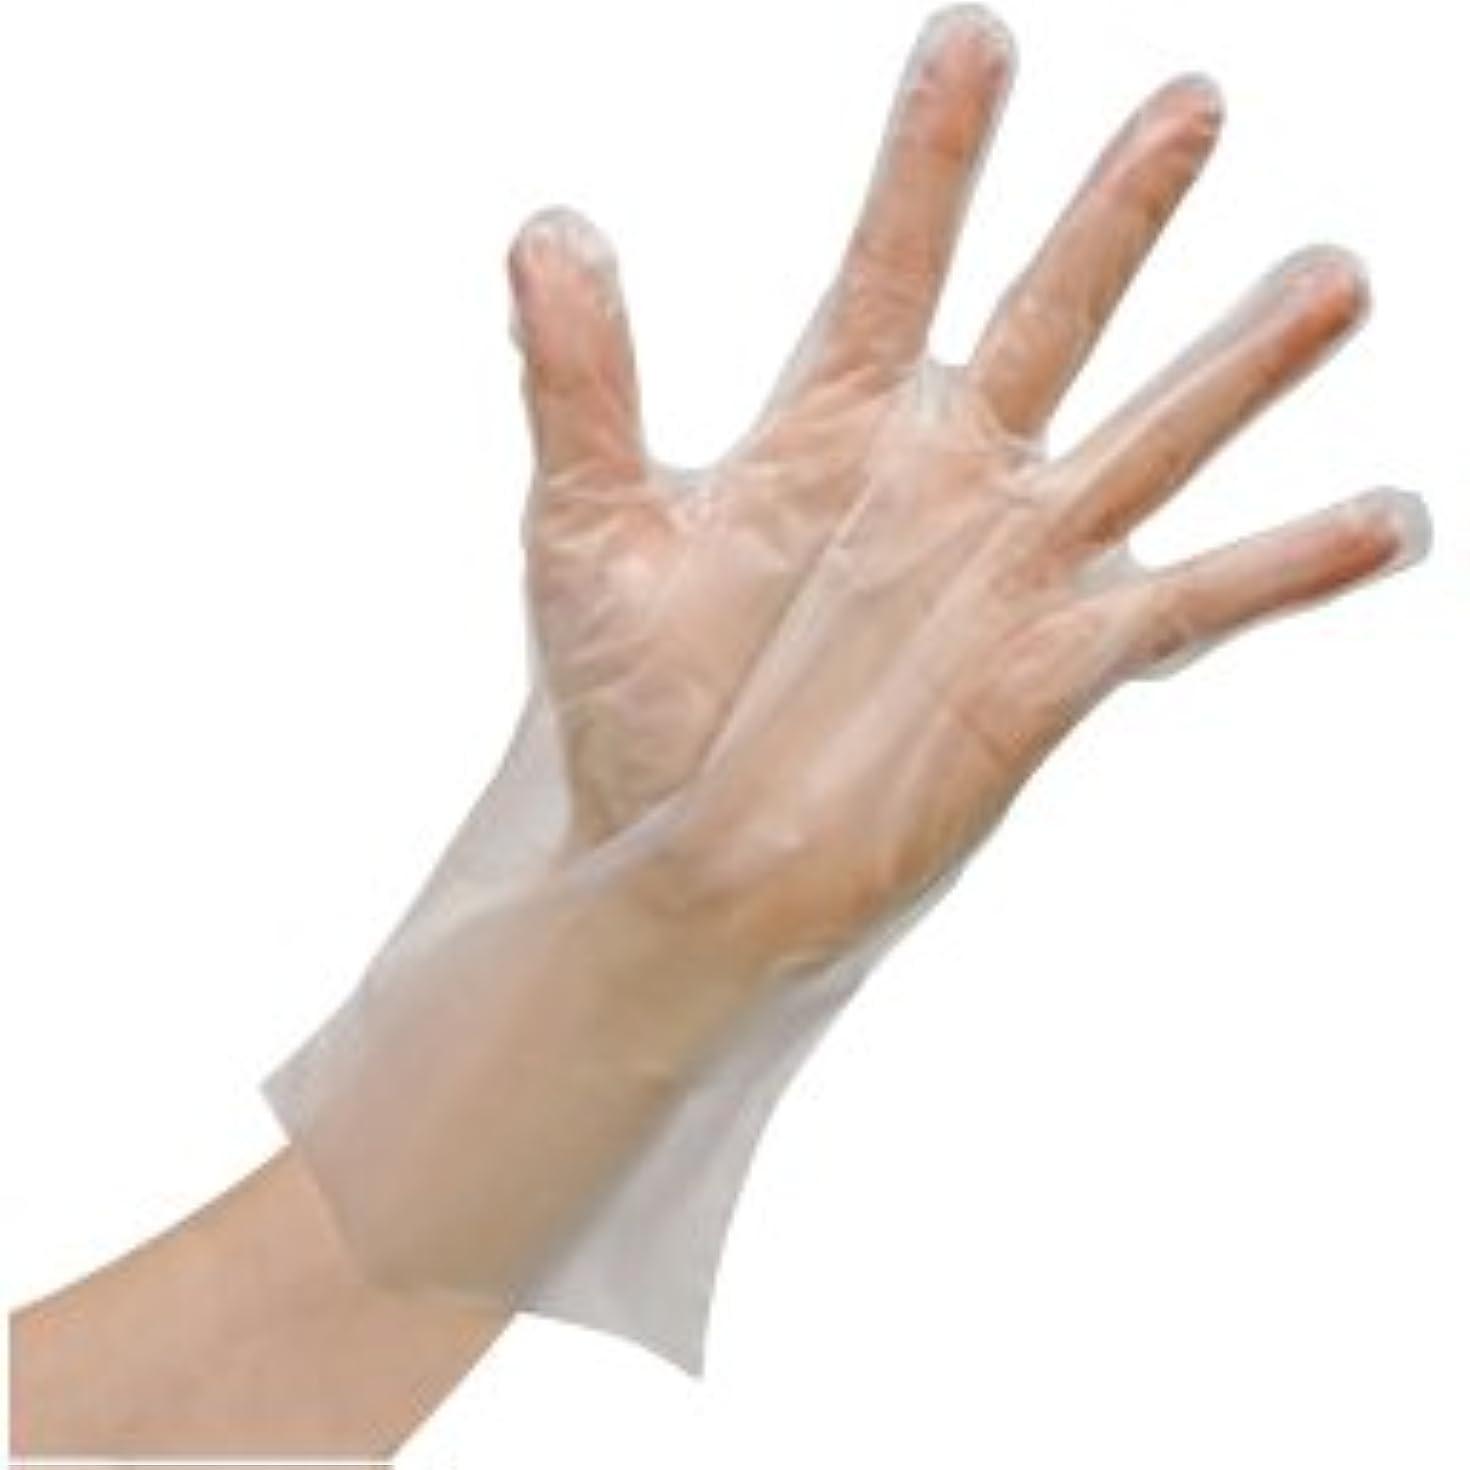 腐敗ハイキングに行くどういたしまして使いきりLDポリエチレン手袋(箱) FR-5812(M)100マイイリ ツカイキリLDポリテブクロ(ハコ)(24-6743-01)【ファーストレイト】[60箱単位]